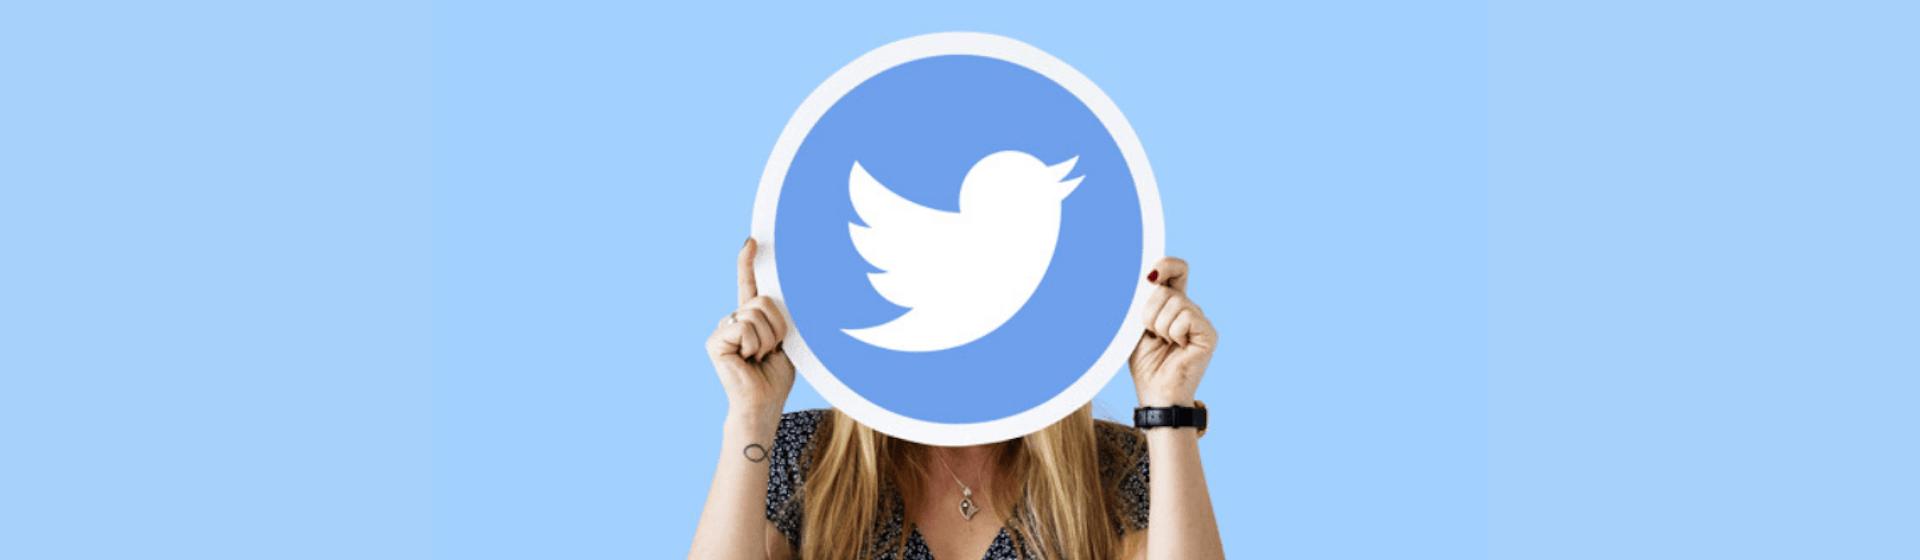 ¿Quieres saber cómo borrar todos los tweets? Descubre el secreto aquí